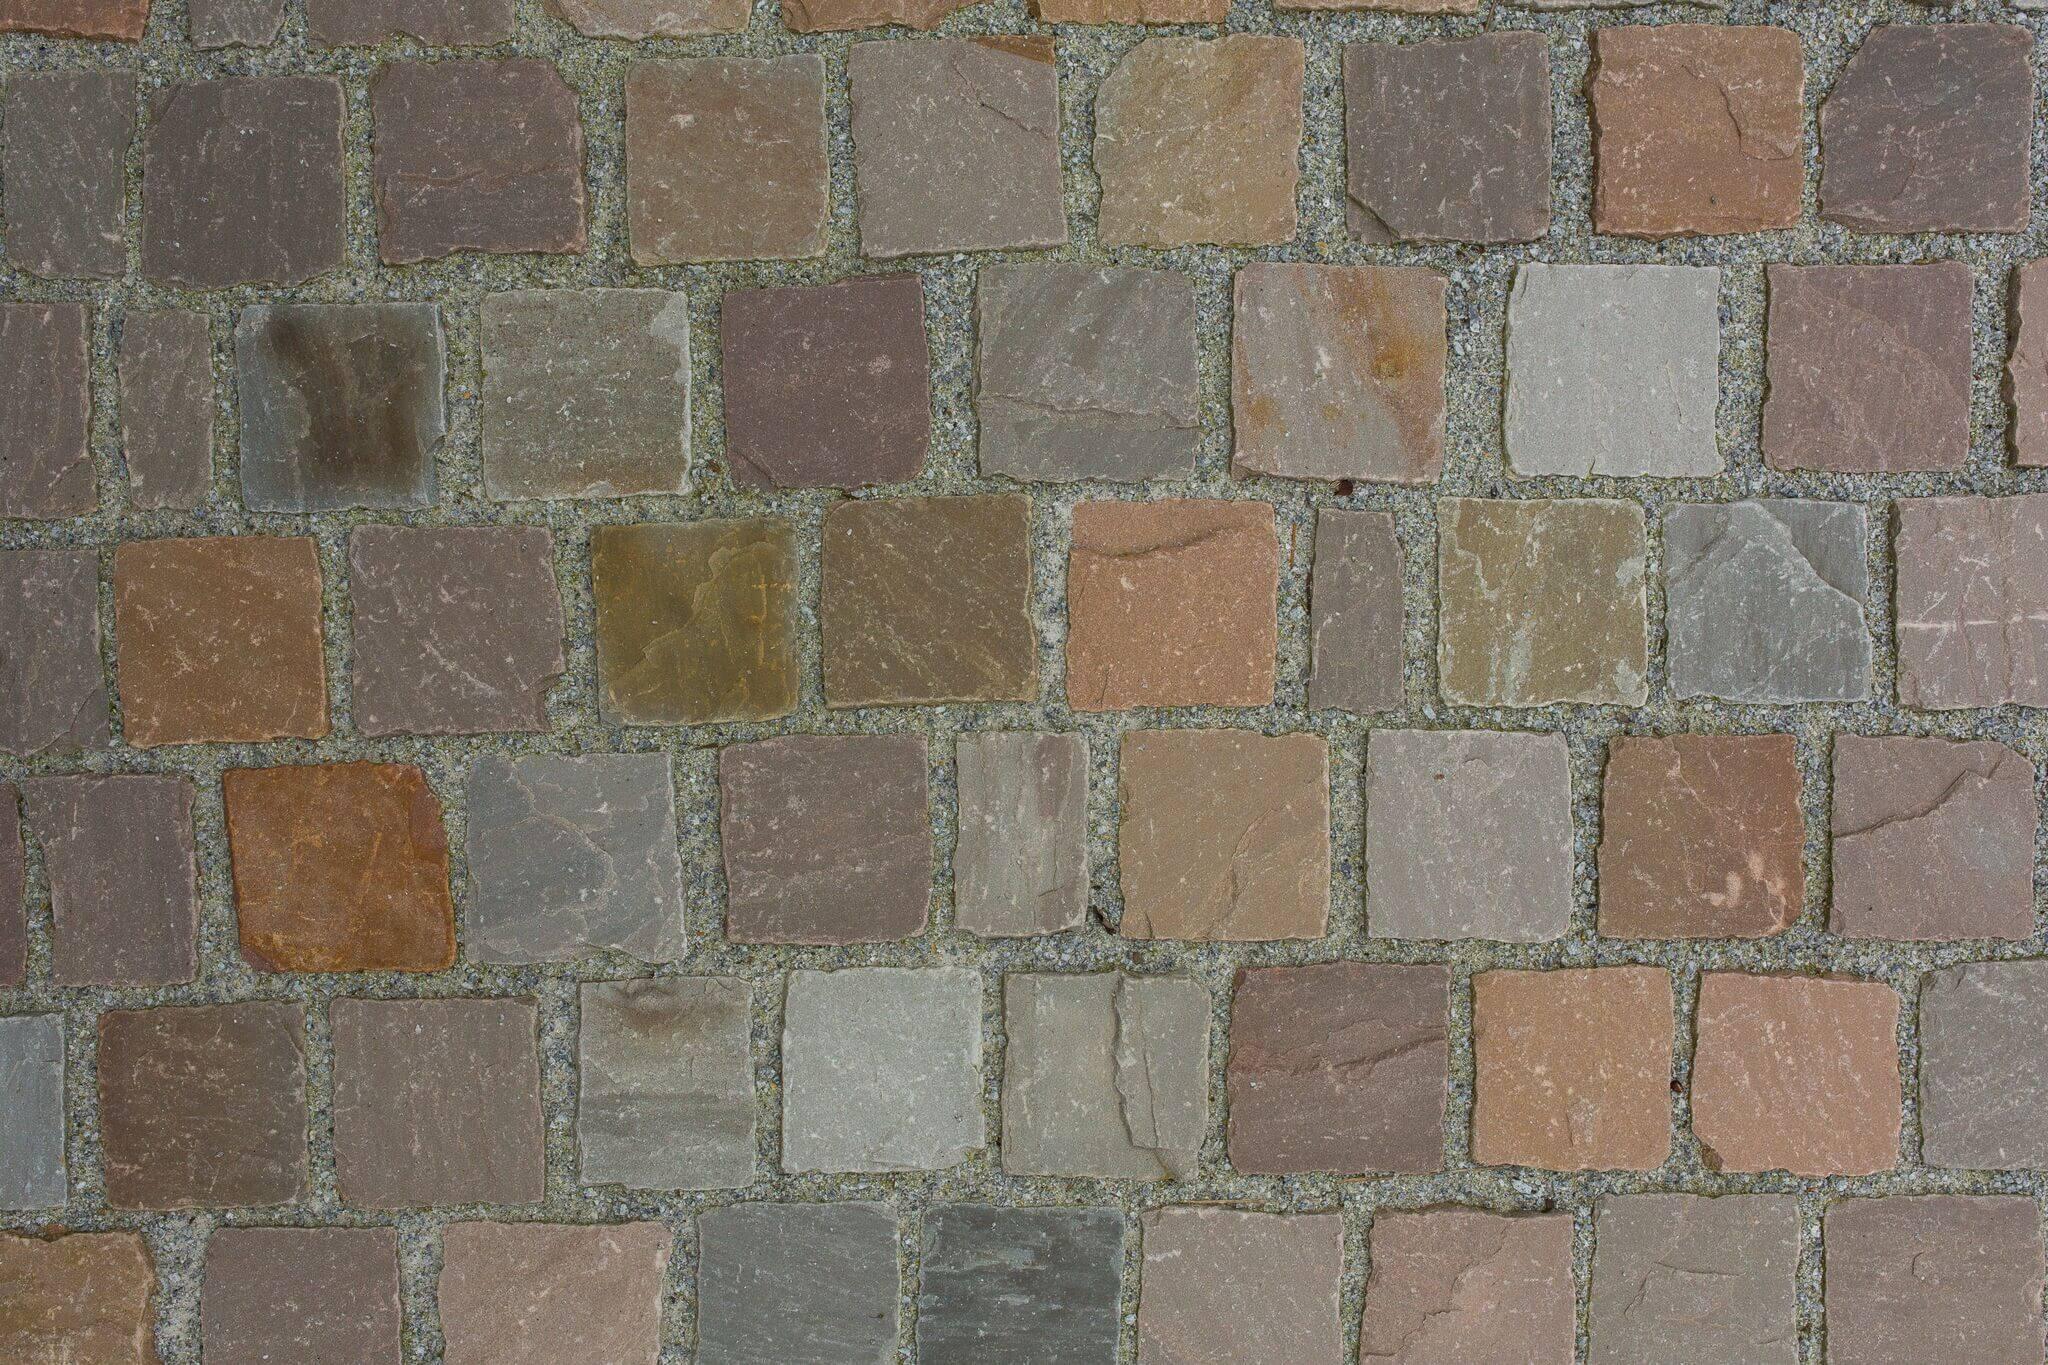 quarz-sandstein kleinpflaster 10x10x6-8 cm bunt